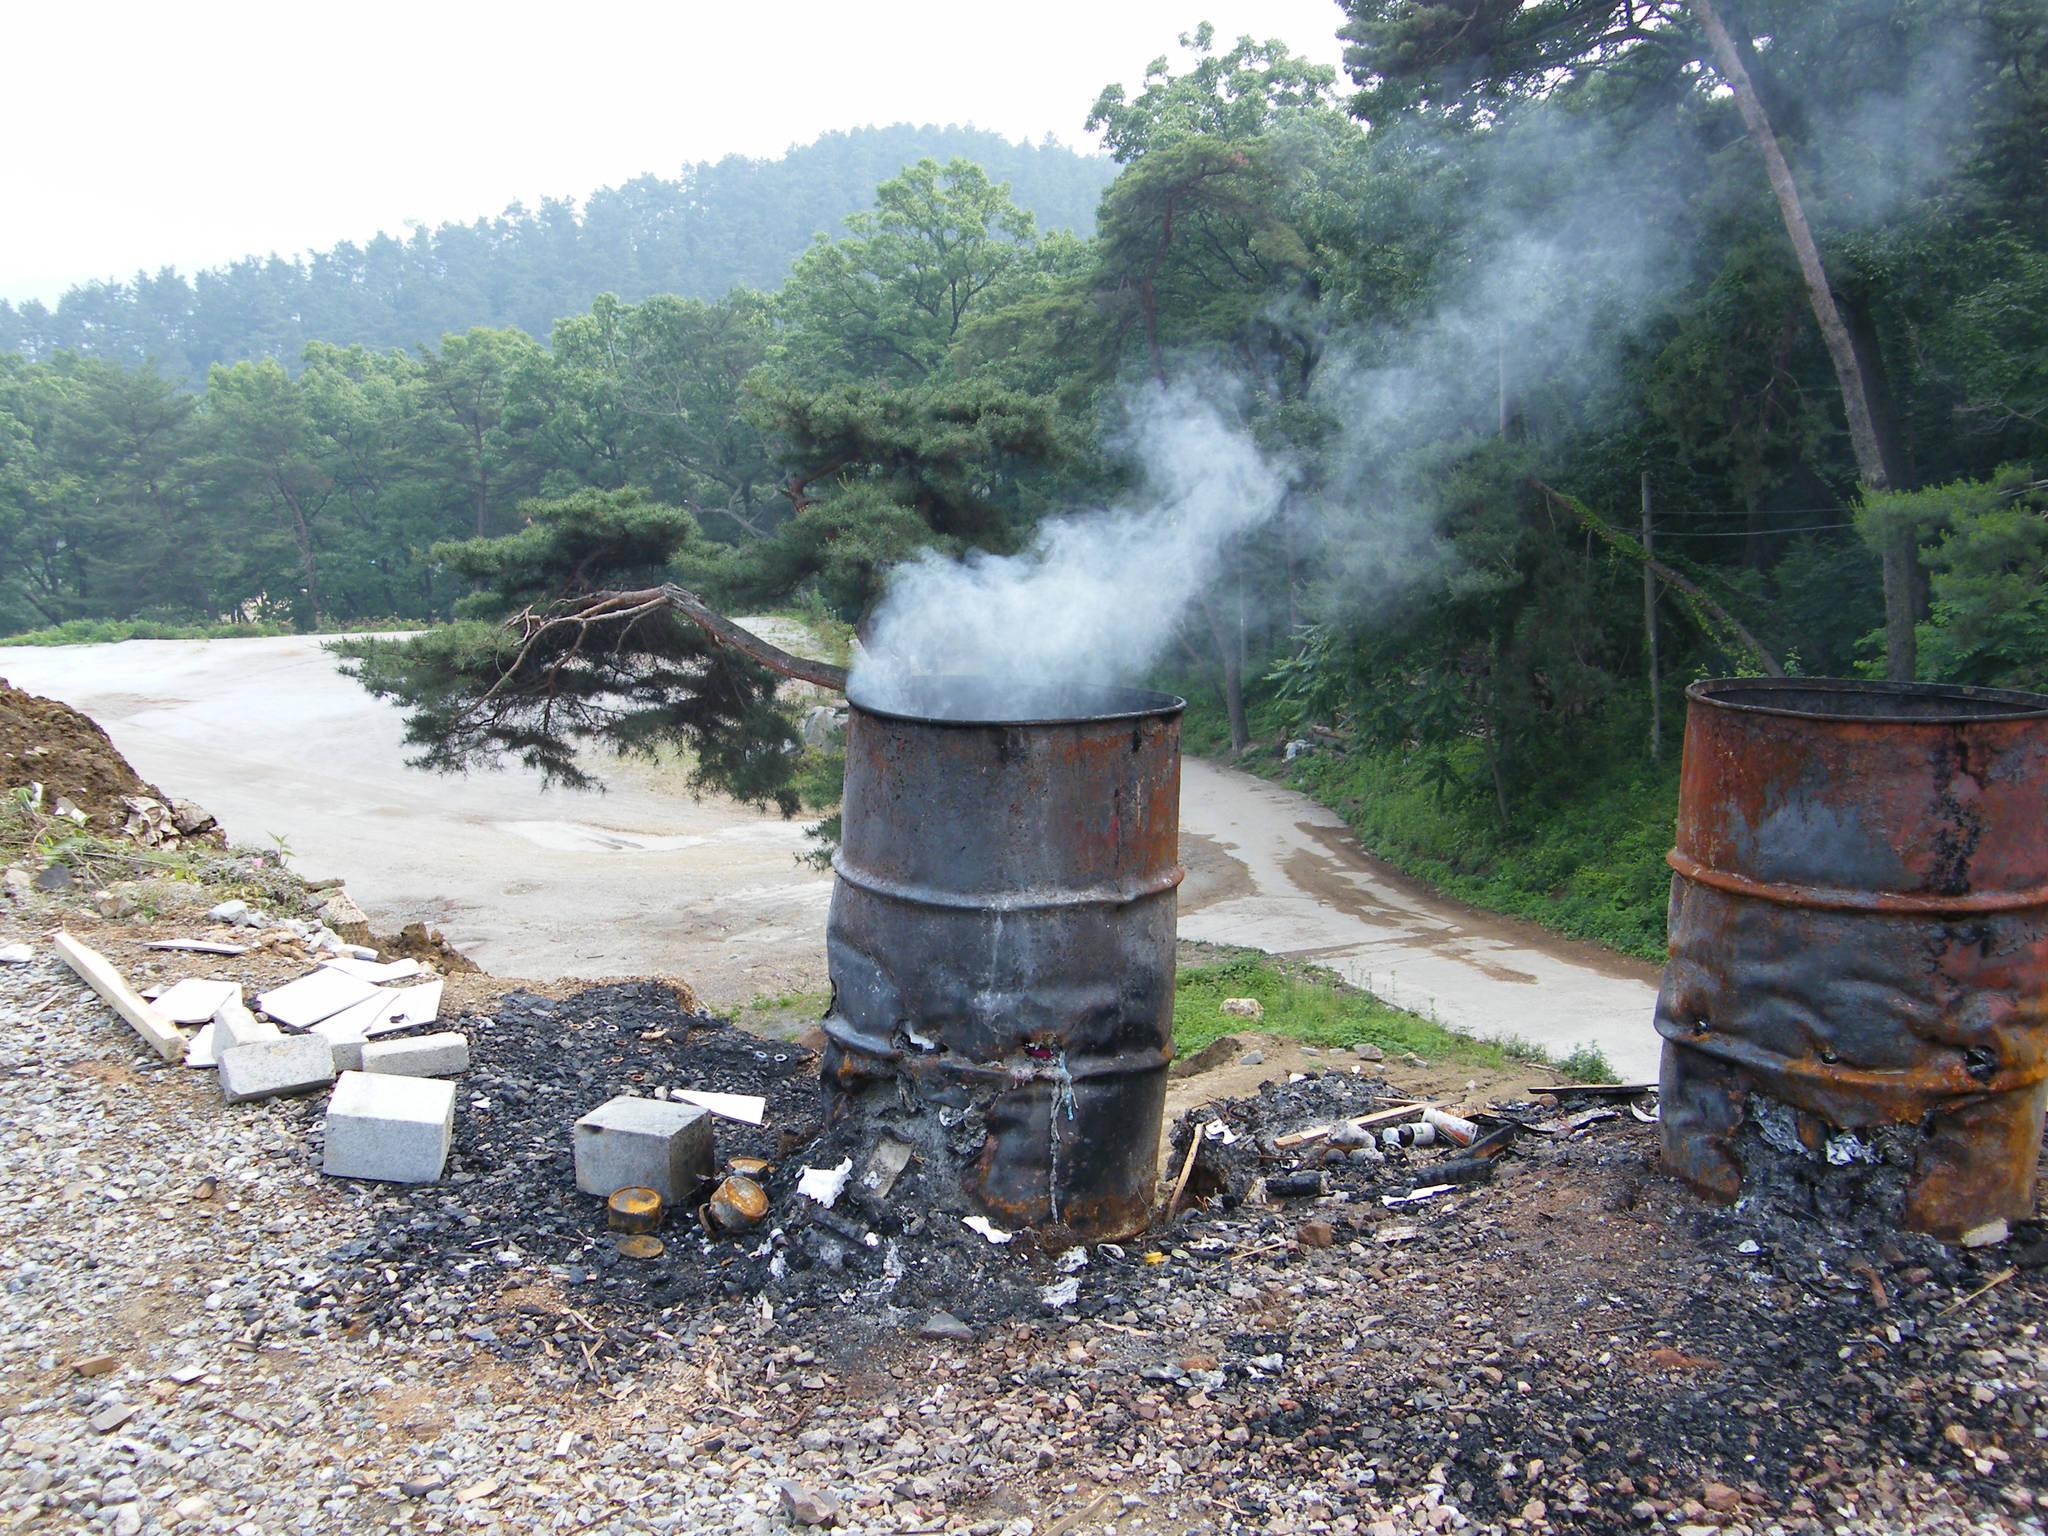 쓰레기를 태울 때 미세먼지뿐만 아니라 다이옥신 등 유해물질이 배출된다. 불법 소각을 하지 않아야 하는 이유다. [사진 중앙피토]